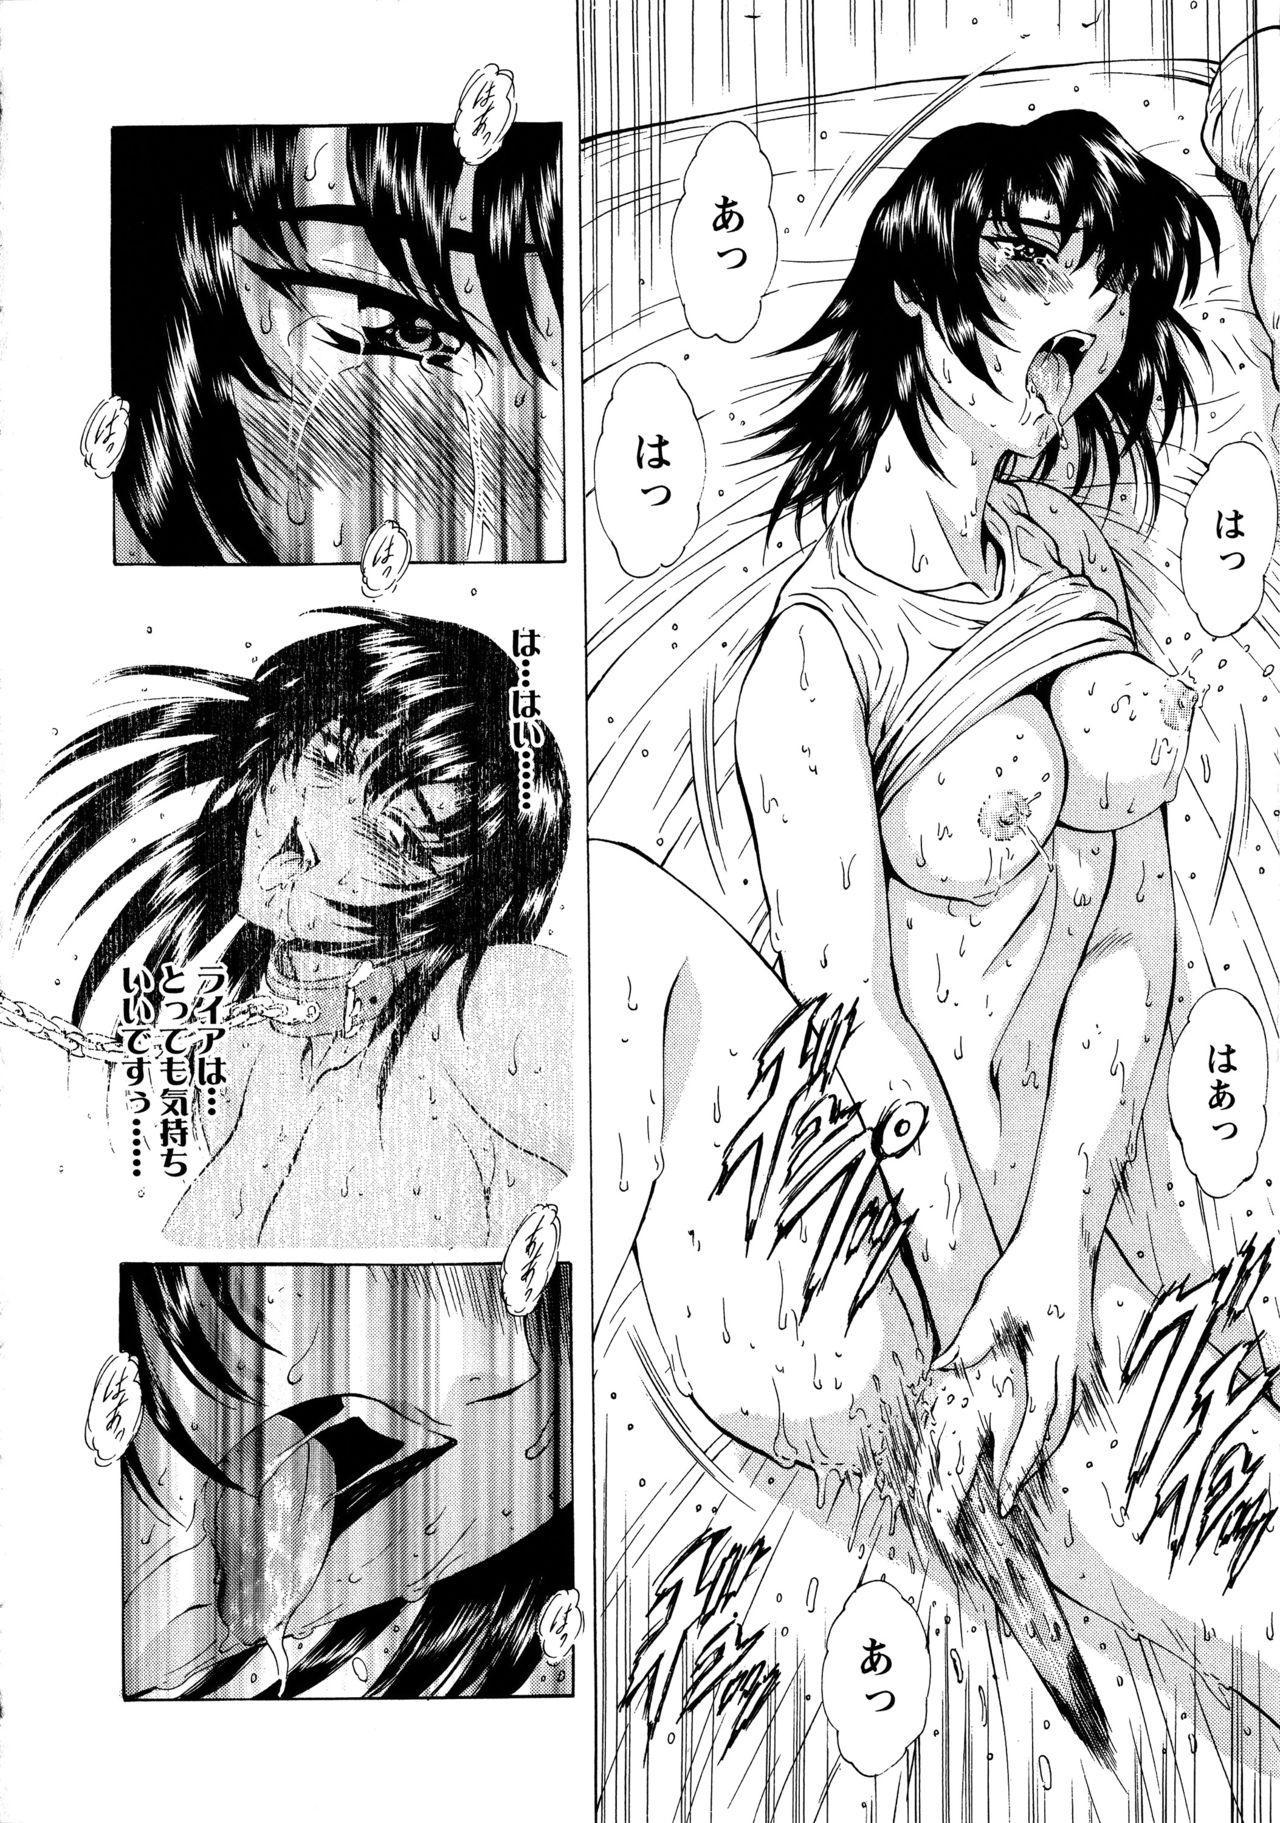 Ginryuu no Reimei Vol. 1 27